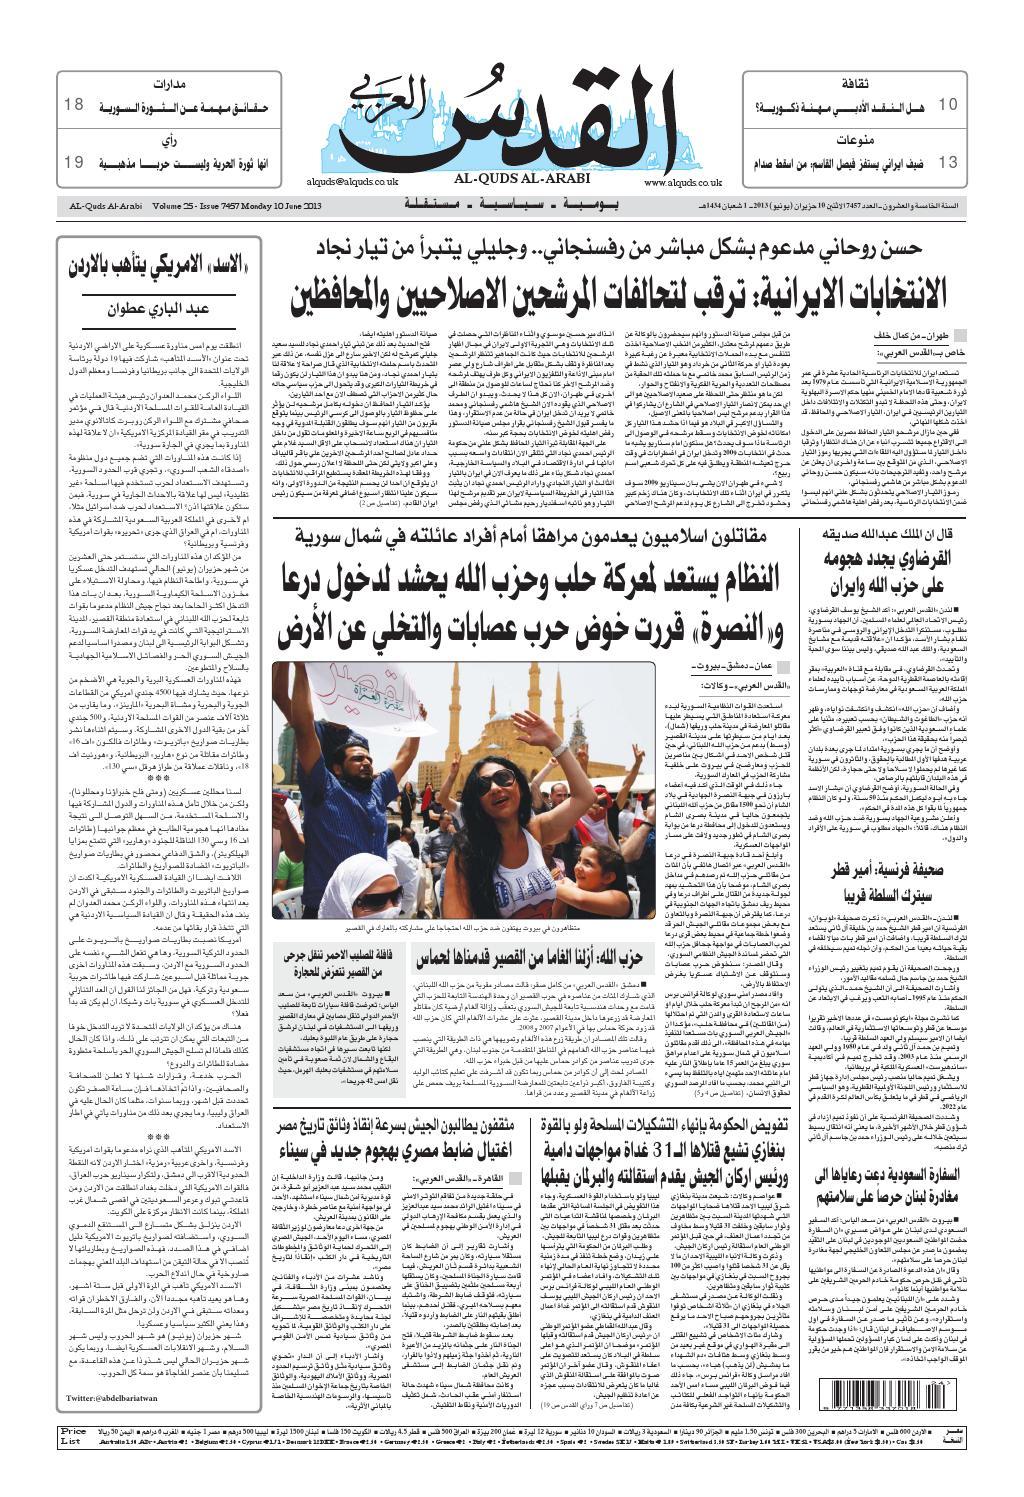 a50a13964 صحيفة القدس العربي , الإثنين 10.06.2013 by مركز الحدث - issuu